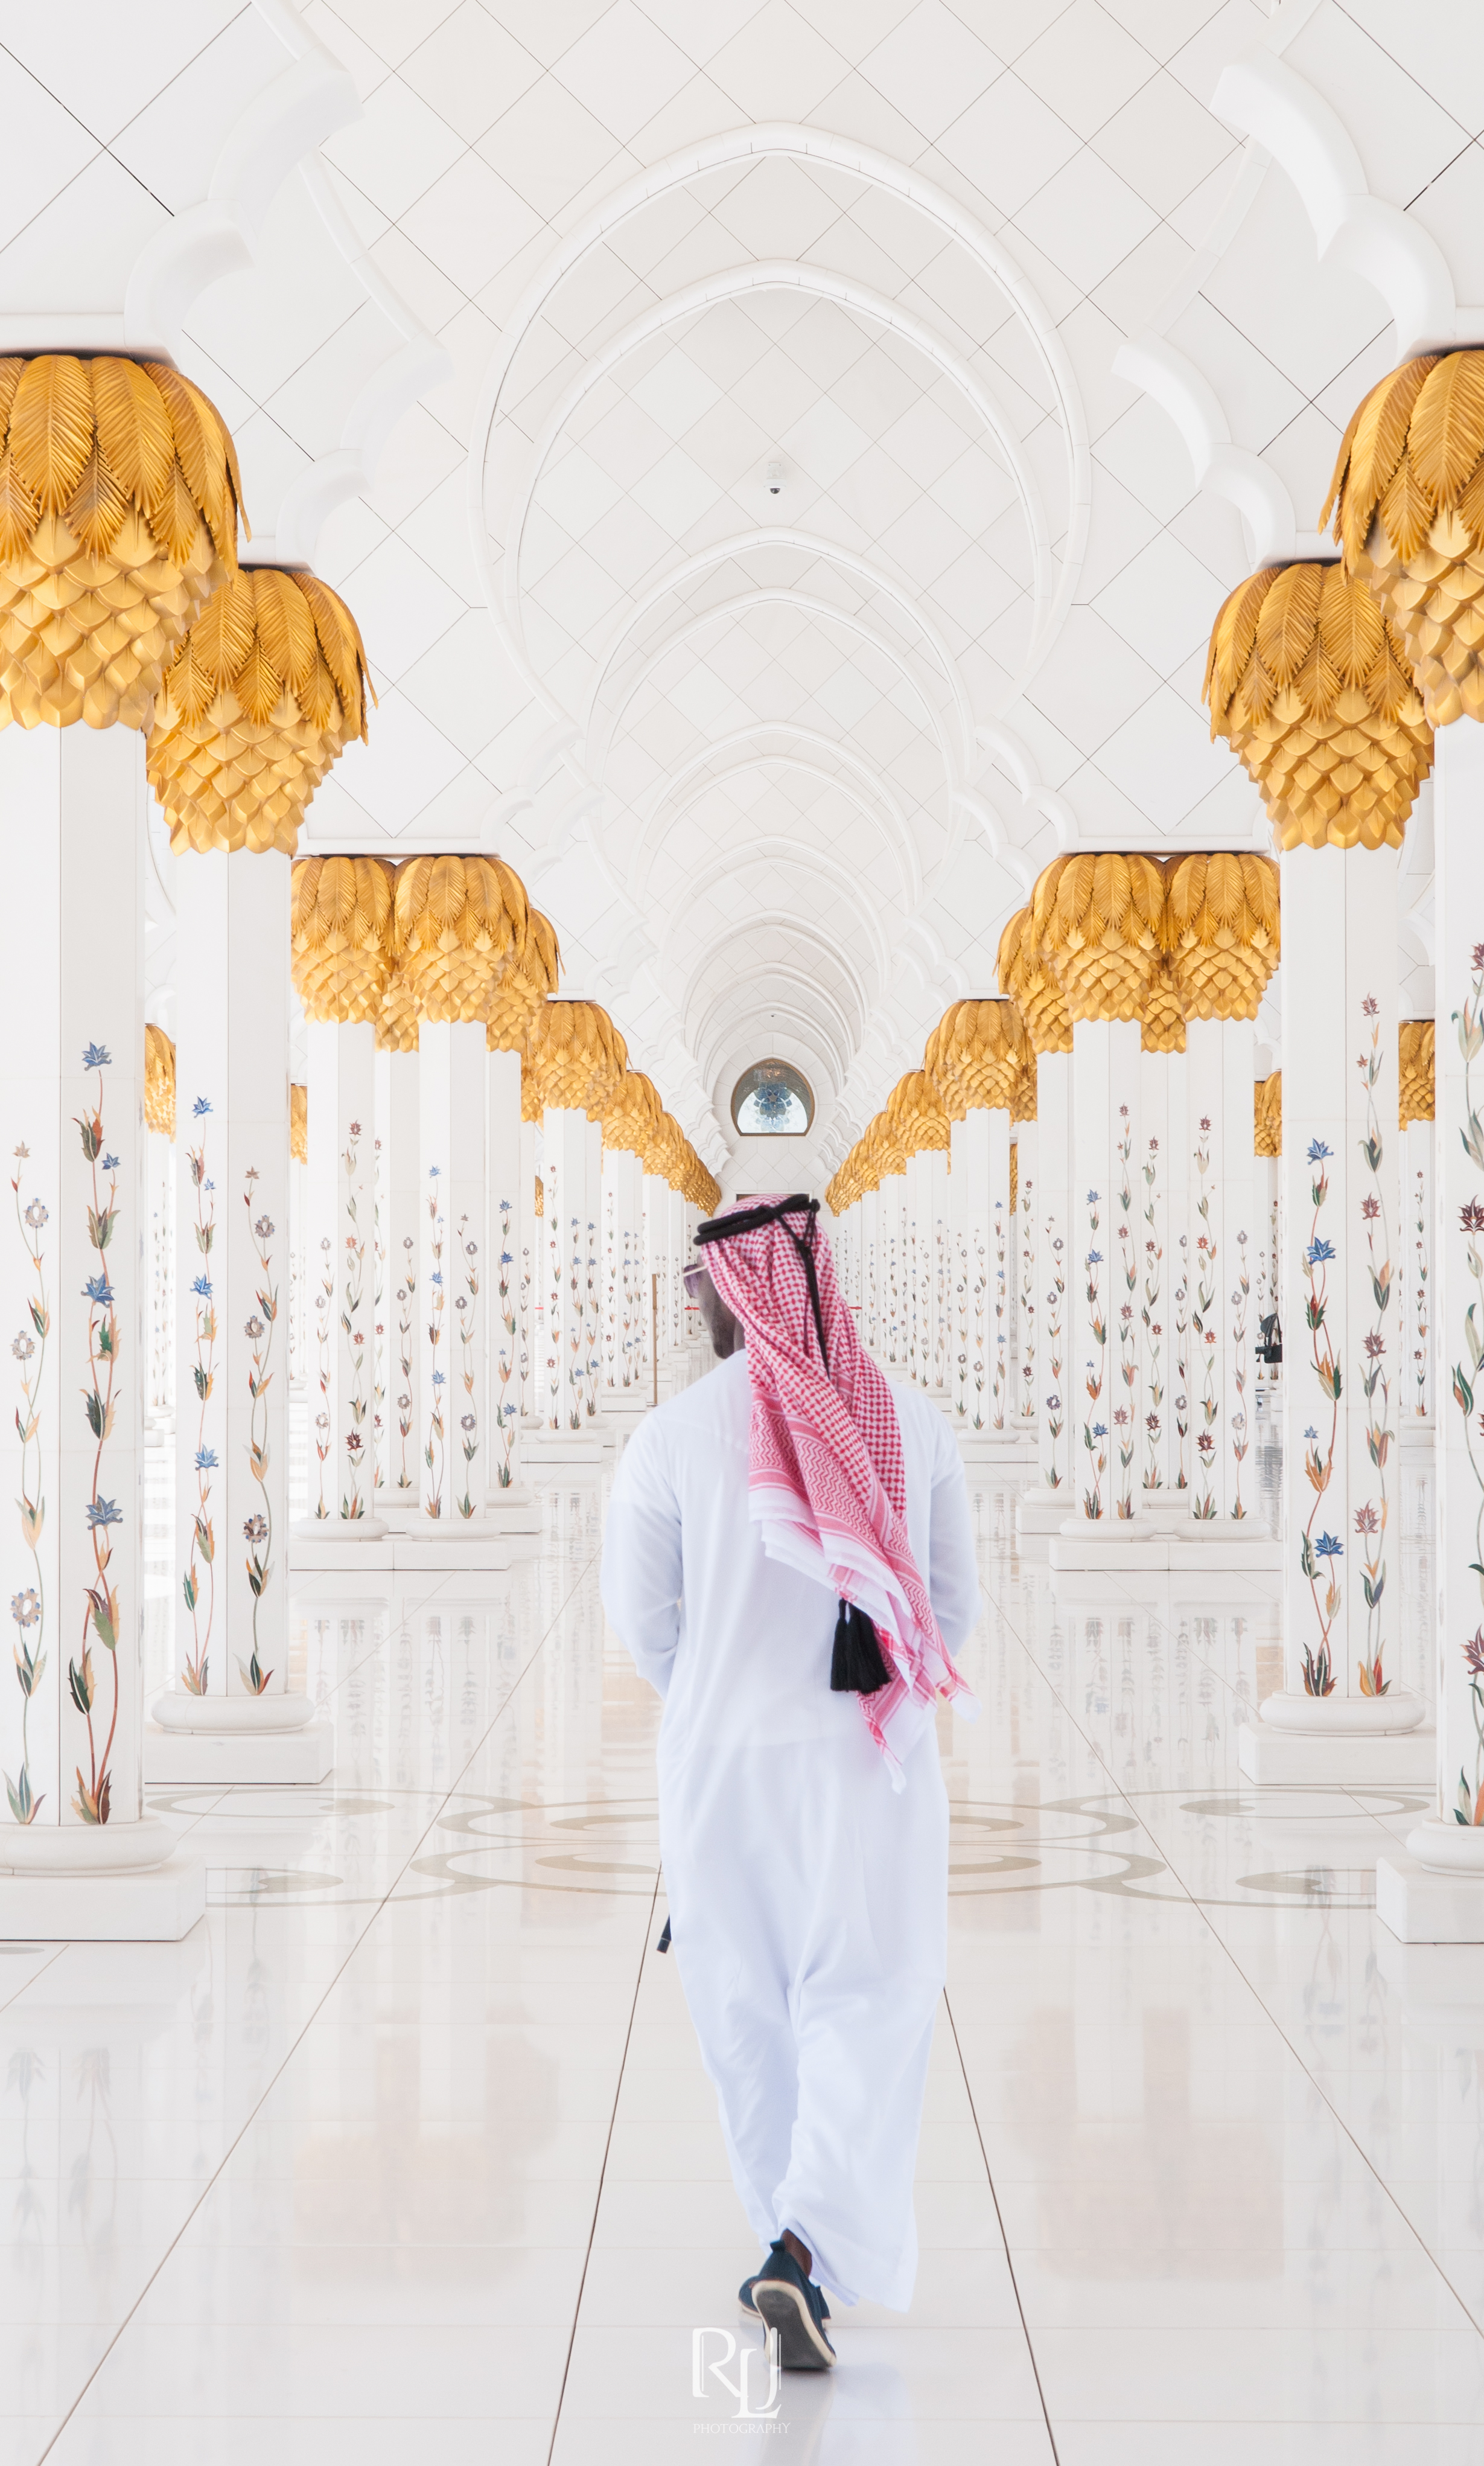 UAE15-19.jpg